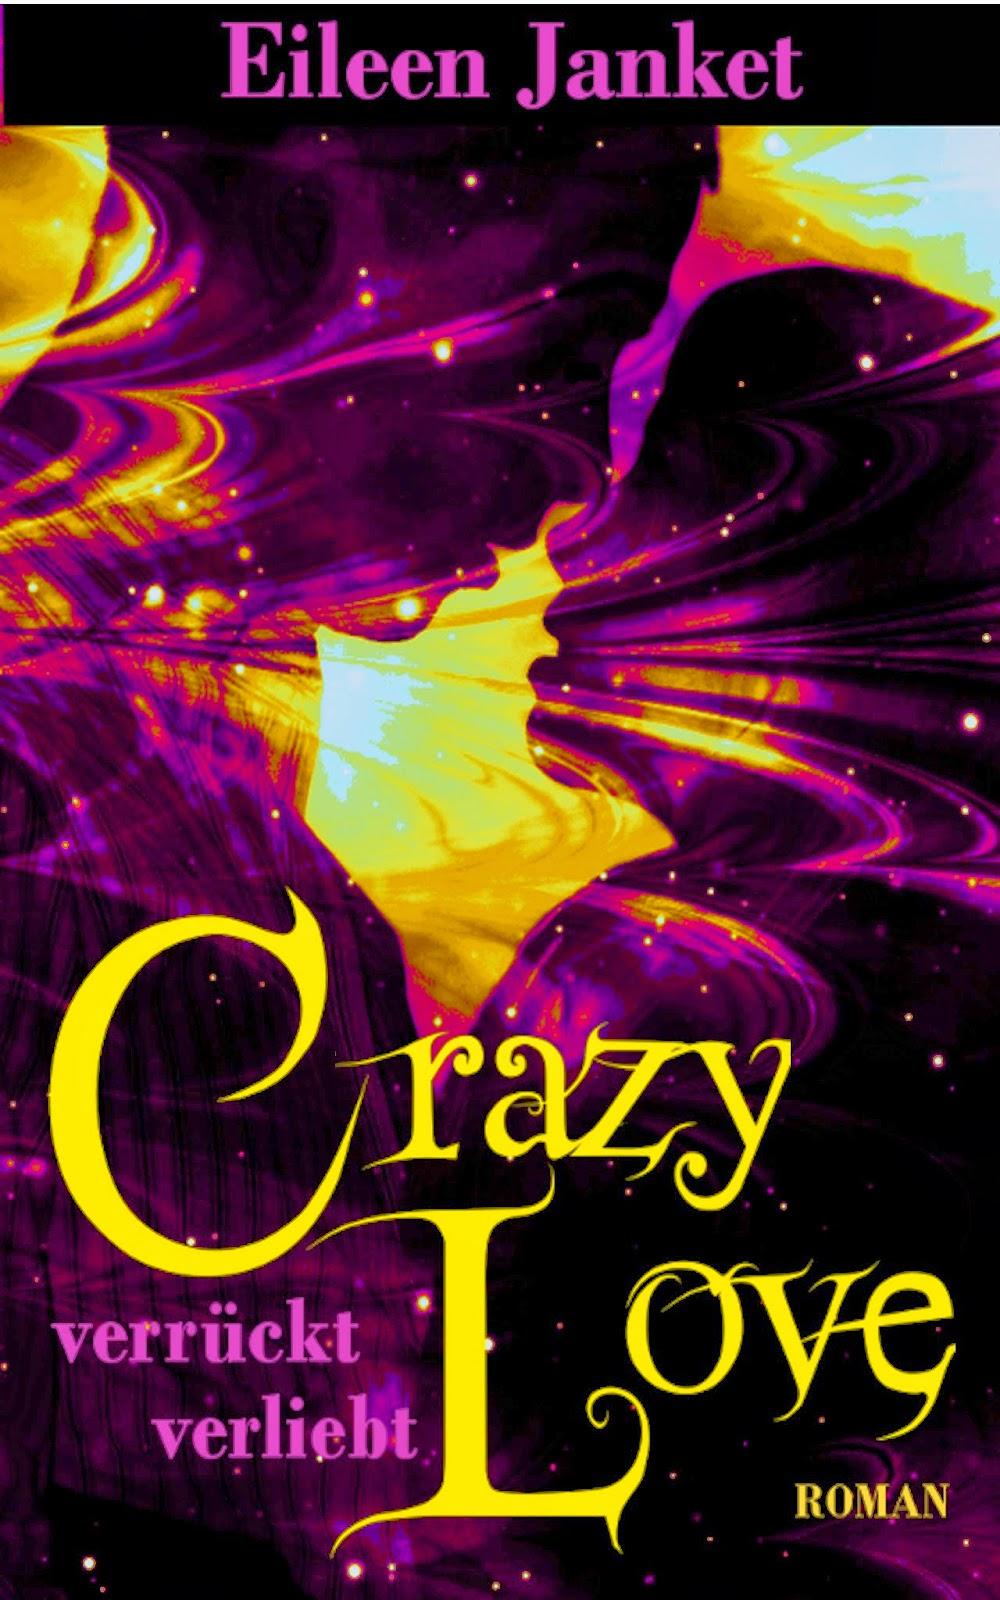 http://www.amazon.de/CRAZY-LOVE-verr%C3%BCckt-verliebt-Jugendbuch-ebook/dp/B008T9YQZ4/ref=sr_1_1?ie=UTF8&qid=1394734329&sr=8-1&keywords=crazy+love